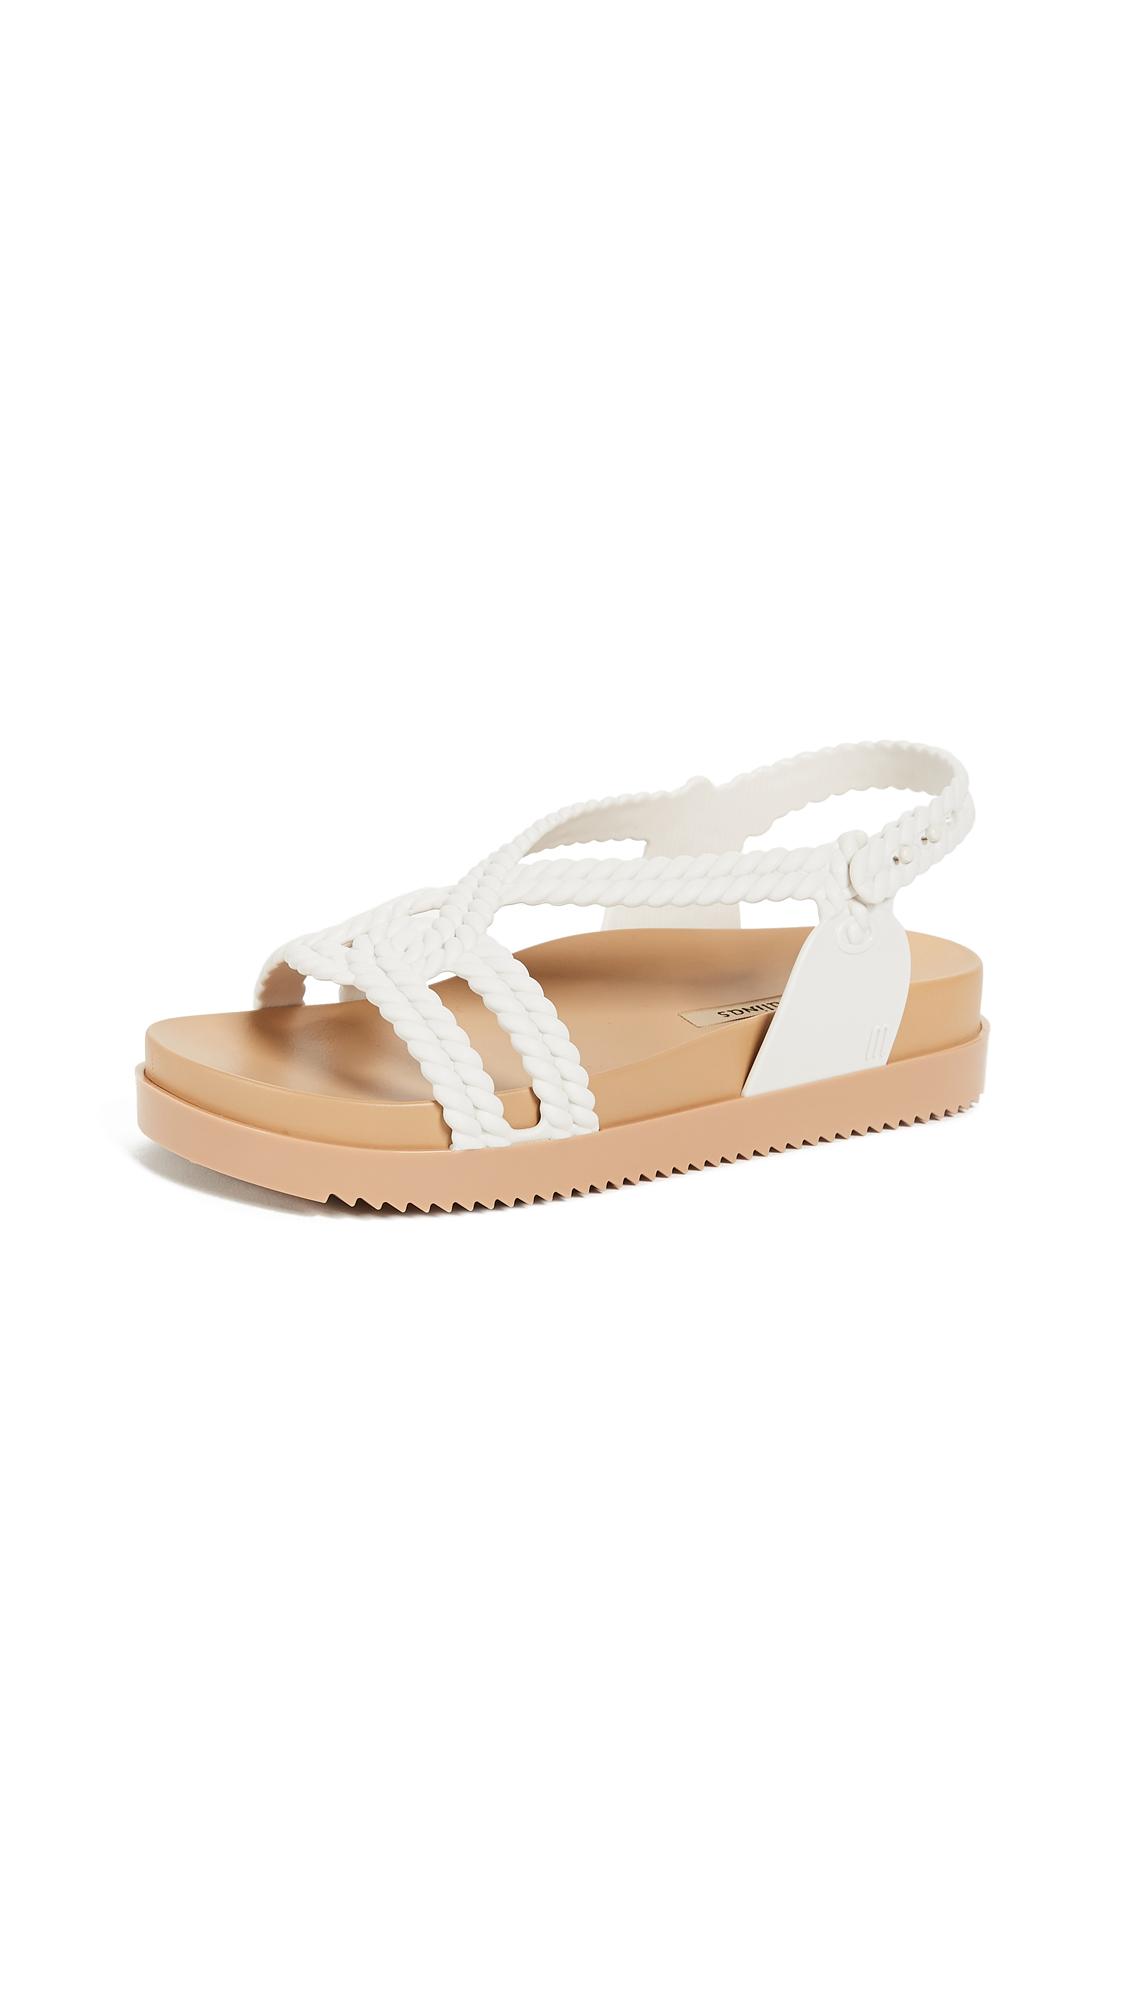 Melissa Cosmic + Salinas Sandals - Beige/White